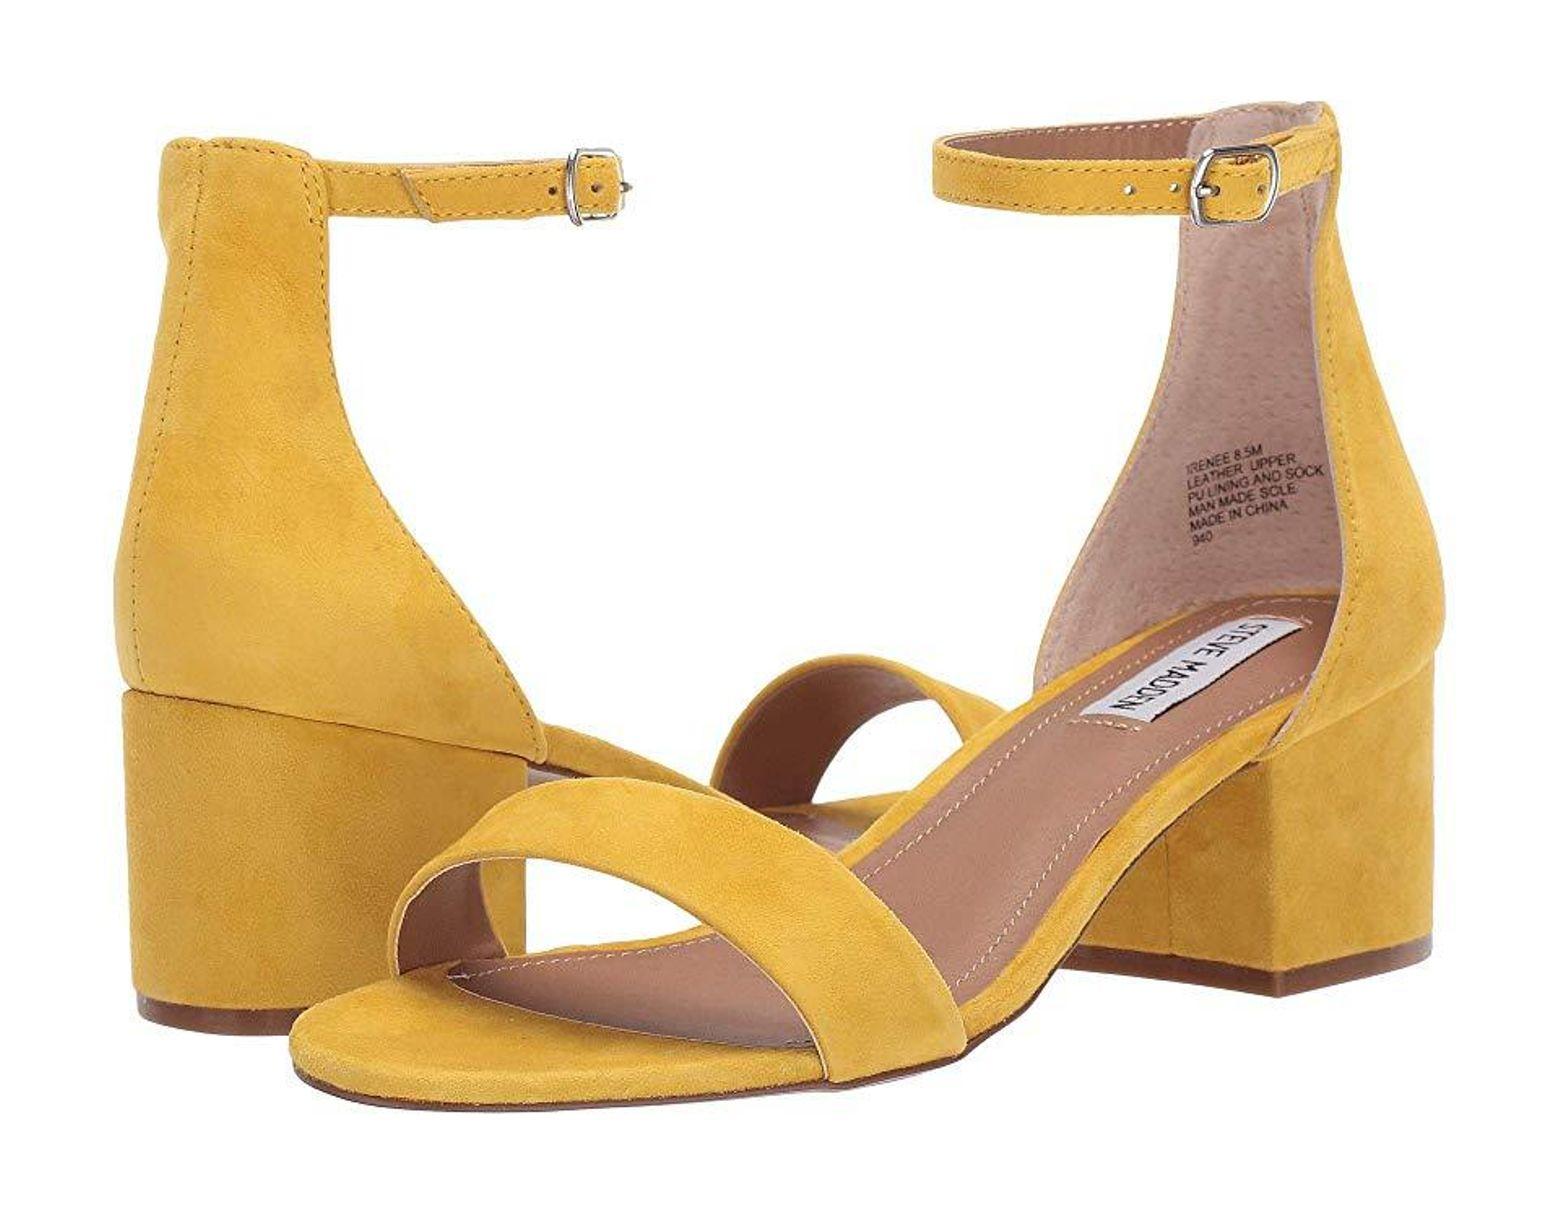 c98fe819d96 Women's Yellow Irenee Sandal (sunflower) 1-2 Inch Heel Shoes